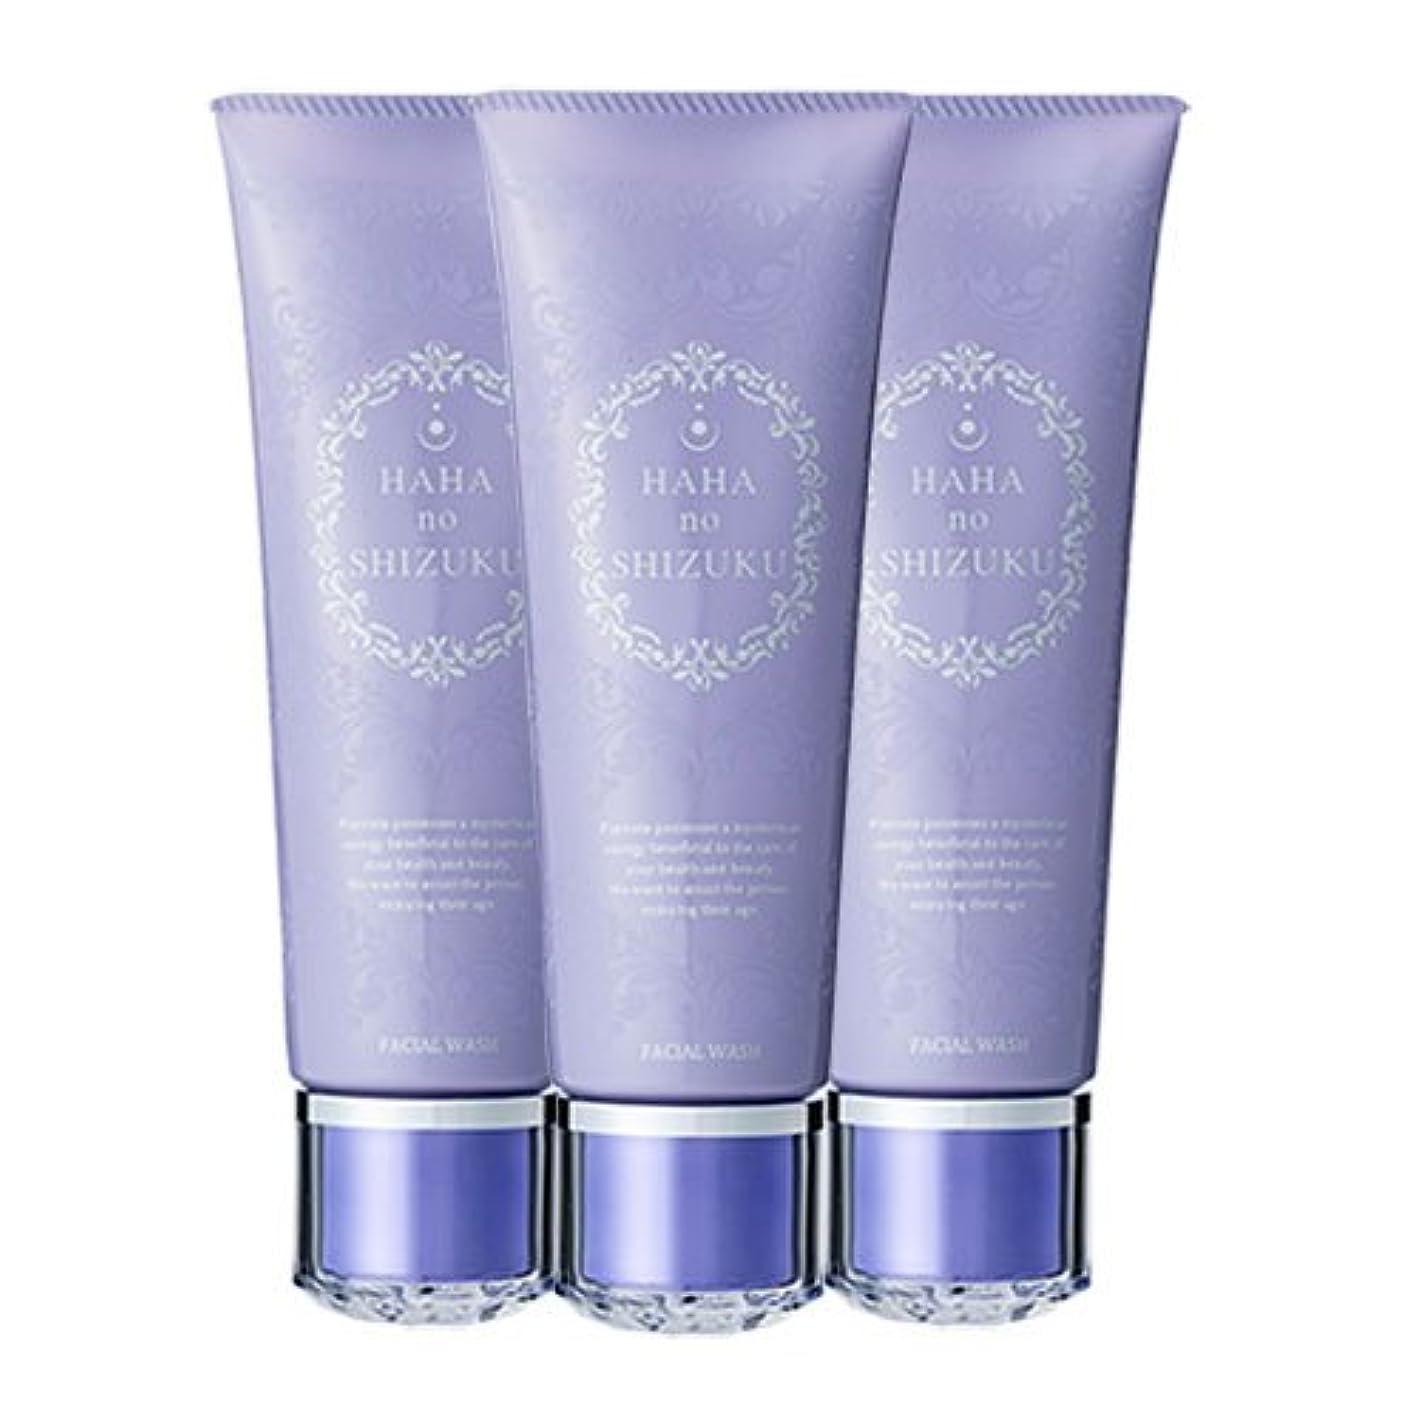 軽再発するタンク母の滴 プラセンタ洗顔フォーム 3本セット 敏感肌にも安心 アミノ酸系洗浄剤 (122g×3本) プラセンタエキス サイタイエキス ヒアルロン酸